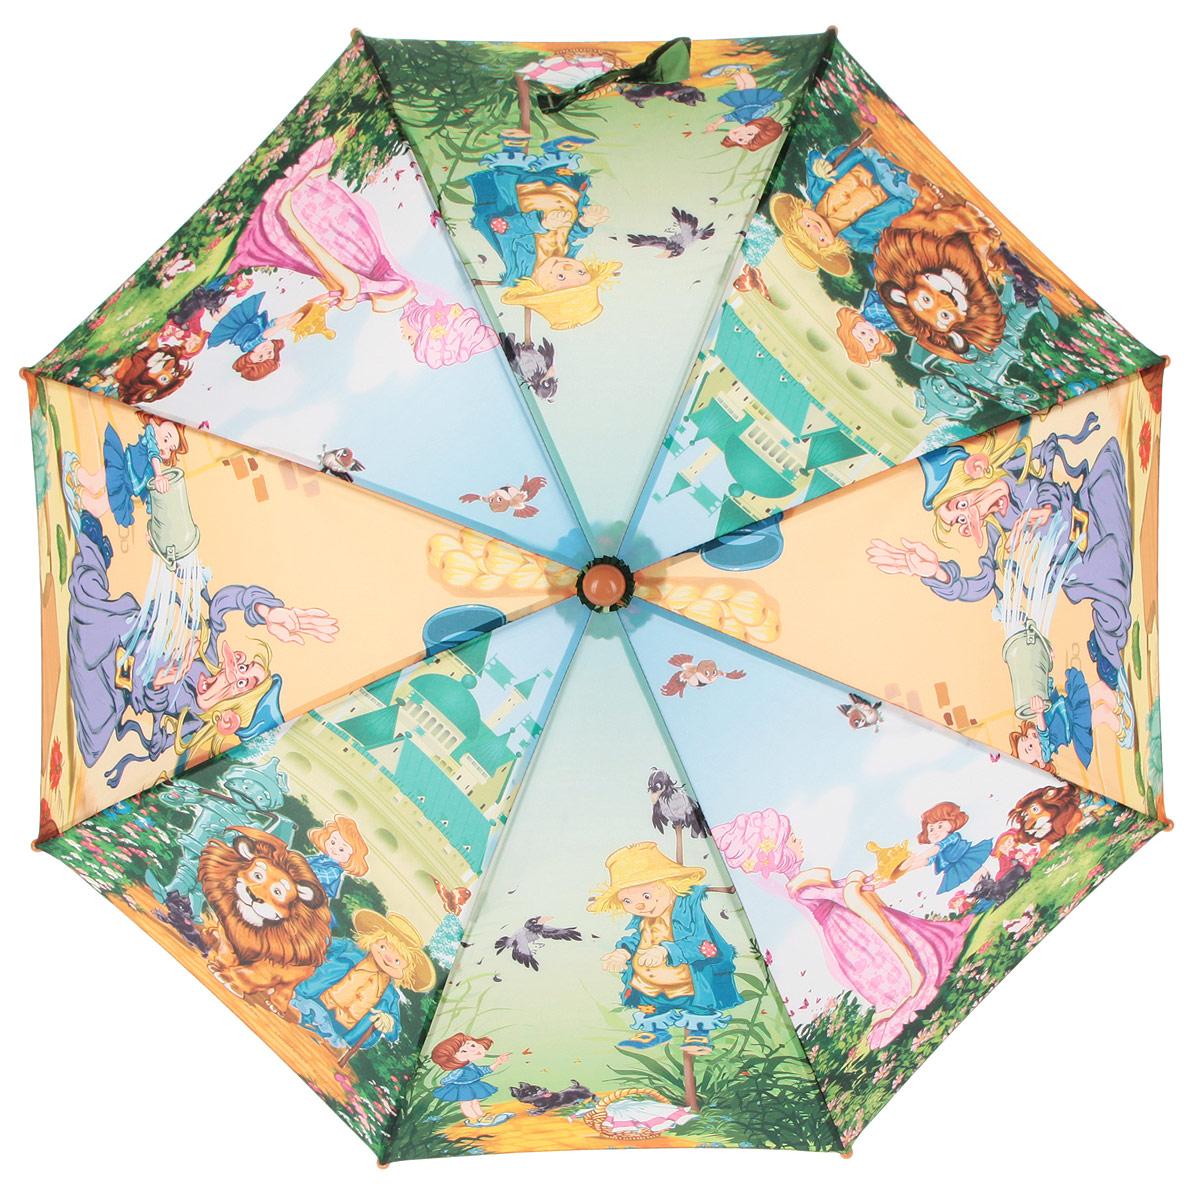 Зонт-трость детский Zest, цвет: зеленый, голубой, оранжевый, мультицвет. 21665-02REM12-CAM-REDBLACKКрасочный детский зонт-трость ZEST выполнен из металла и пластика, оформлен принтом с изображениями героев известнейших сказок.Каркас зонта выполнен из восьми спиц, стержень из стали. На концах спиц предусмотрены пластиковые элементы, которые защитят малыша от травм. Купол зонта изготовлен прочного полиэстера. Закрытый купол застегивается на липучку хлястиком. Практичная глянцевая рукоятка закругленной формы разработана с учетом требований эргономики и выполнена из пластика.Зонт имеет полуавтоматический механизм сложения: купол открывается нажатием кнопки на рукоятке, а закрывается вручную до характерного щелчка.Такой зонт не только надежно защитит малыша от дождя, но и станет стильным аксессуаром.